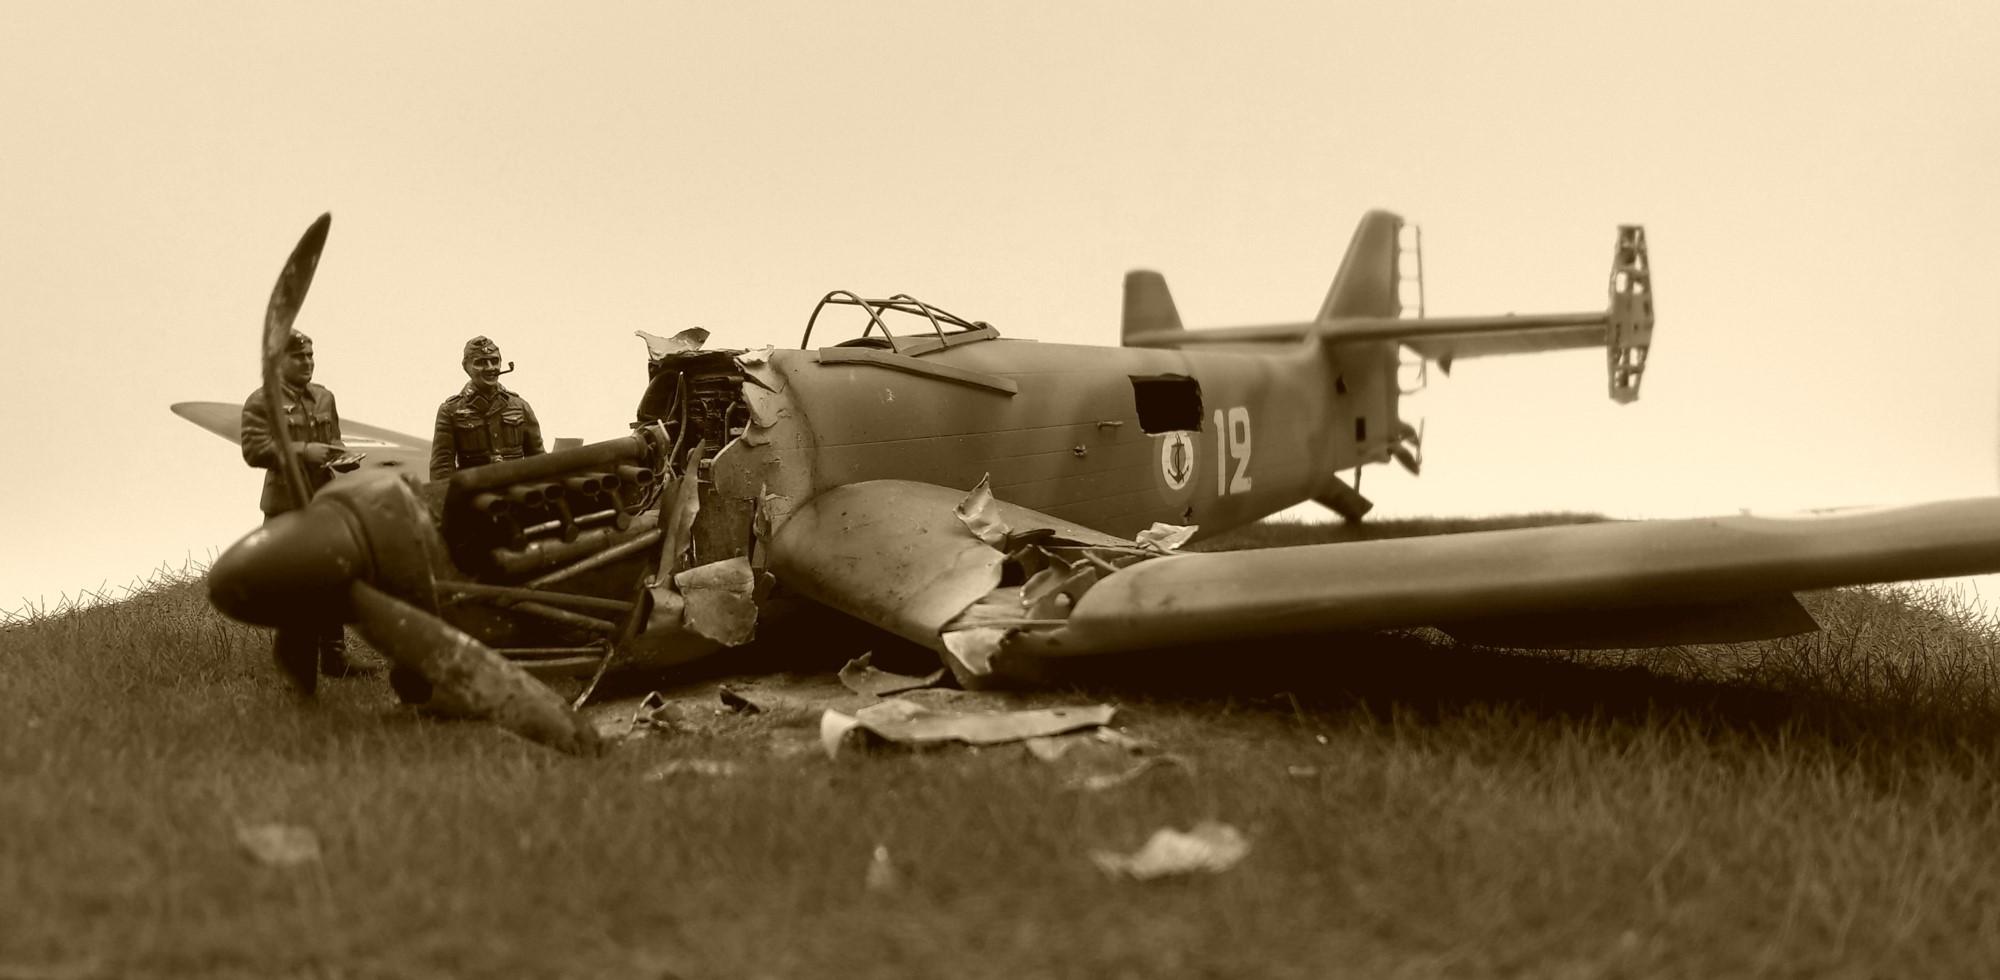 [Concours Aéronavale] Loire Nieuport 401/411 -  Special hobby 1/48 - crash à Villereau -le sacrifice des marins aviateurs du 19 mai 1940 - Mission Berlaimont  Image499